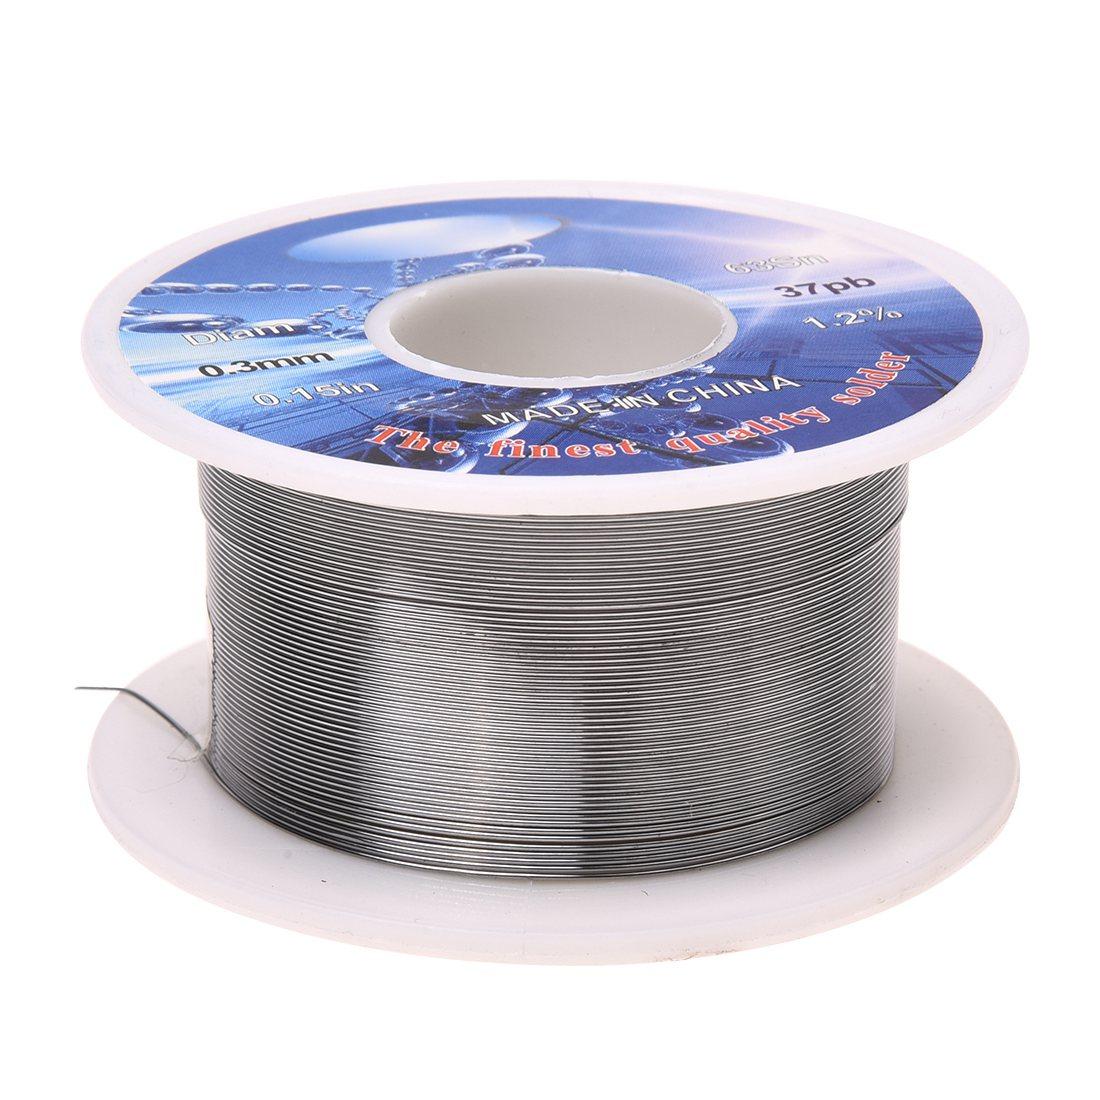 Твердый припой 0,3 мм Диаметр флюса ядро 63% Олово 37% свинцовый длинный провод катушка